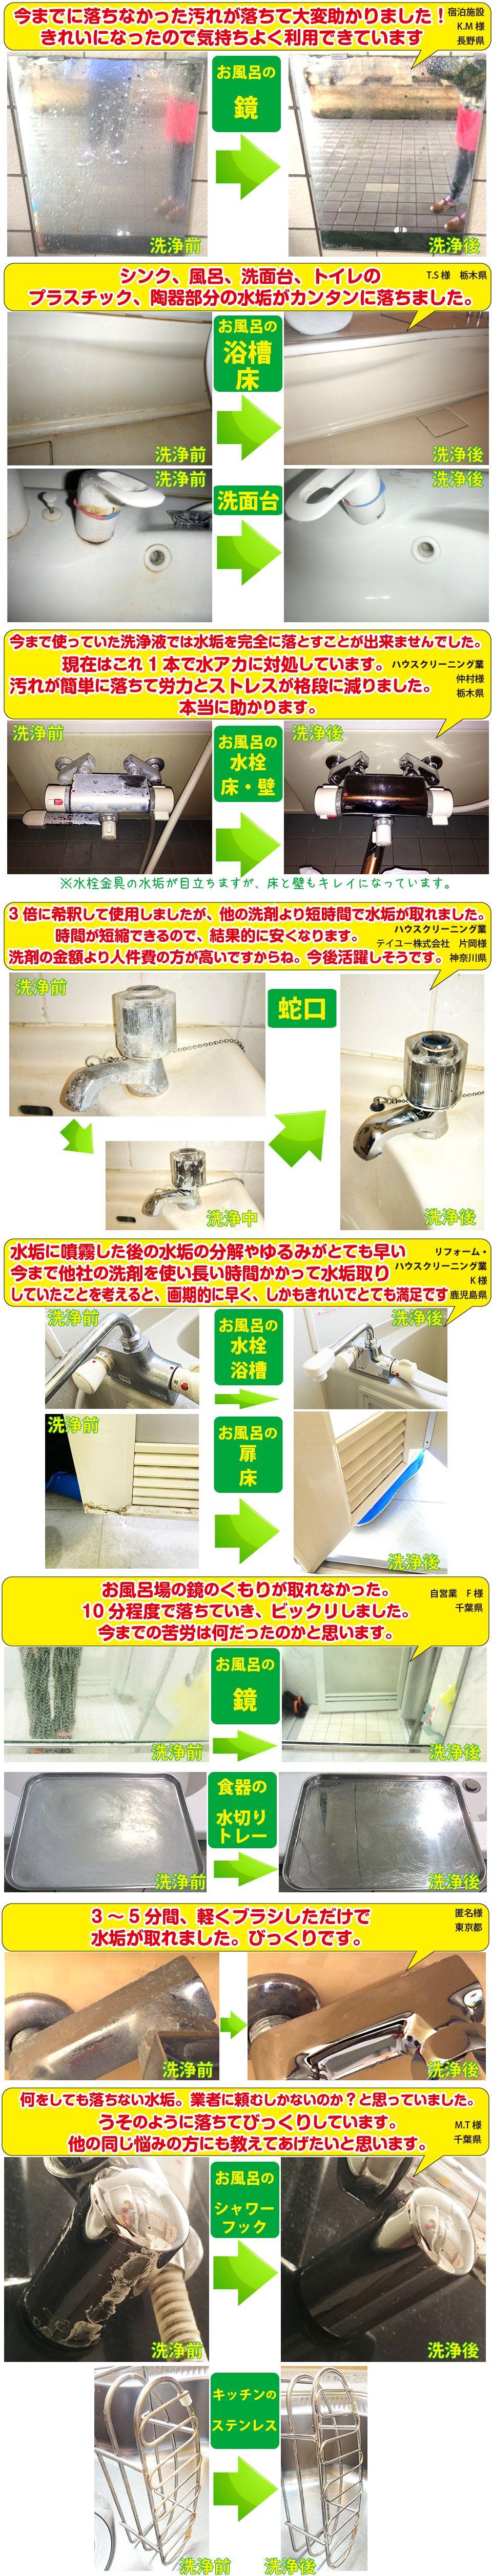 劇的に水垢を落とす業務用水垢取り洗剤テラクリーナーヤマト 水垢 クリーナー 掃除